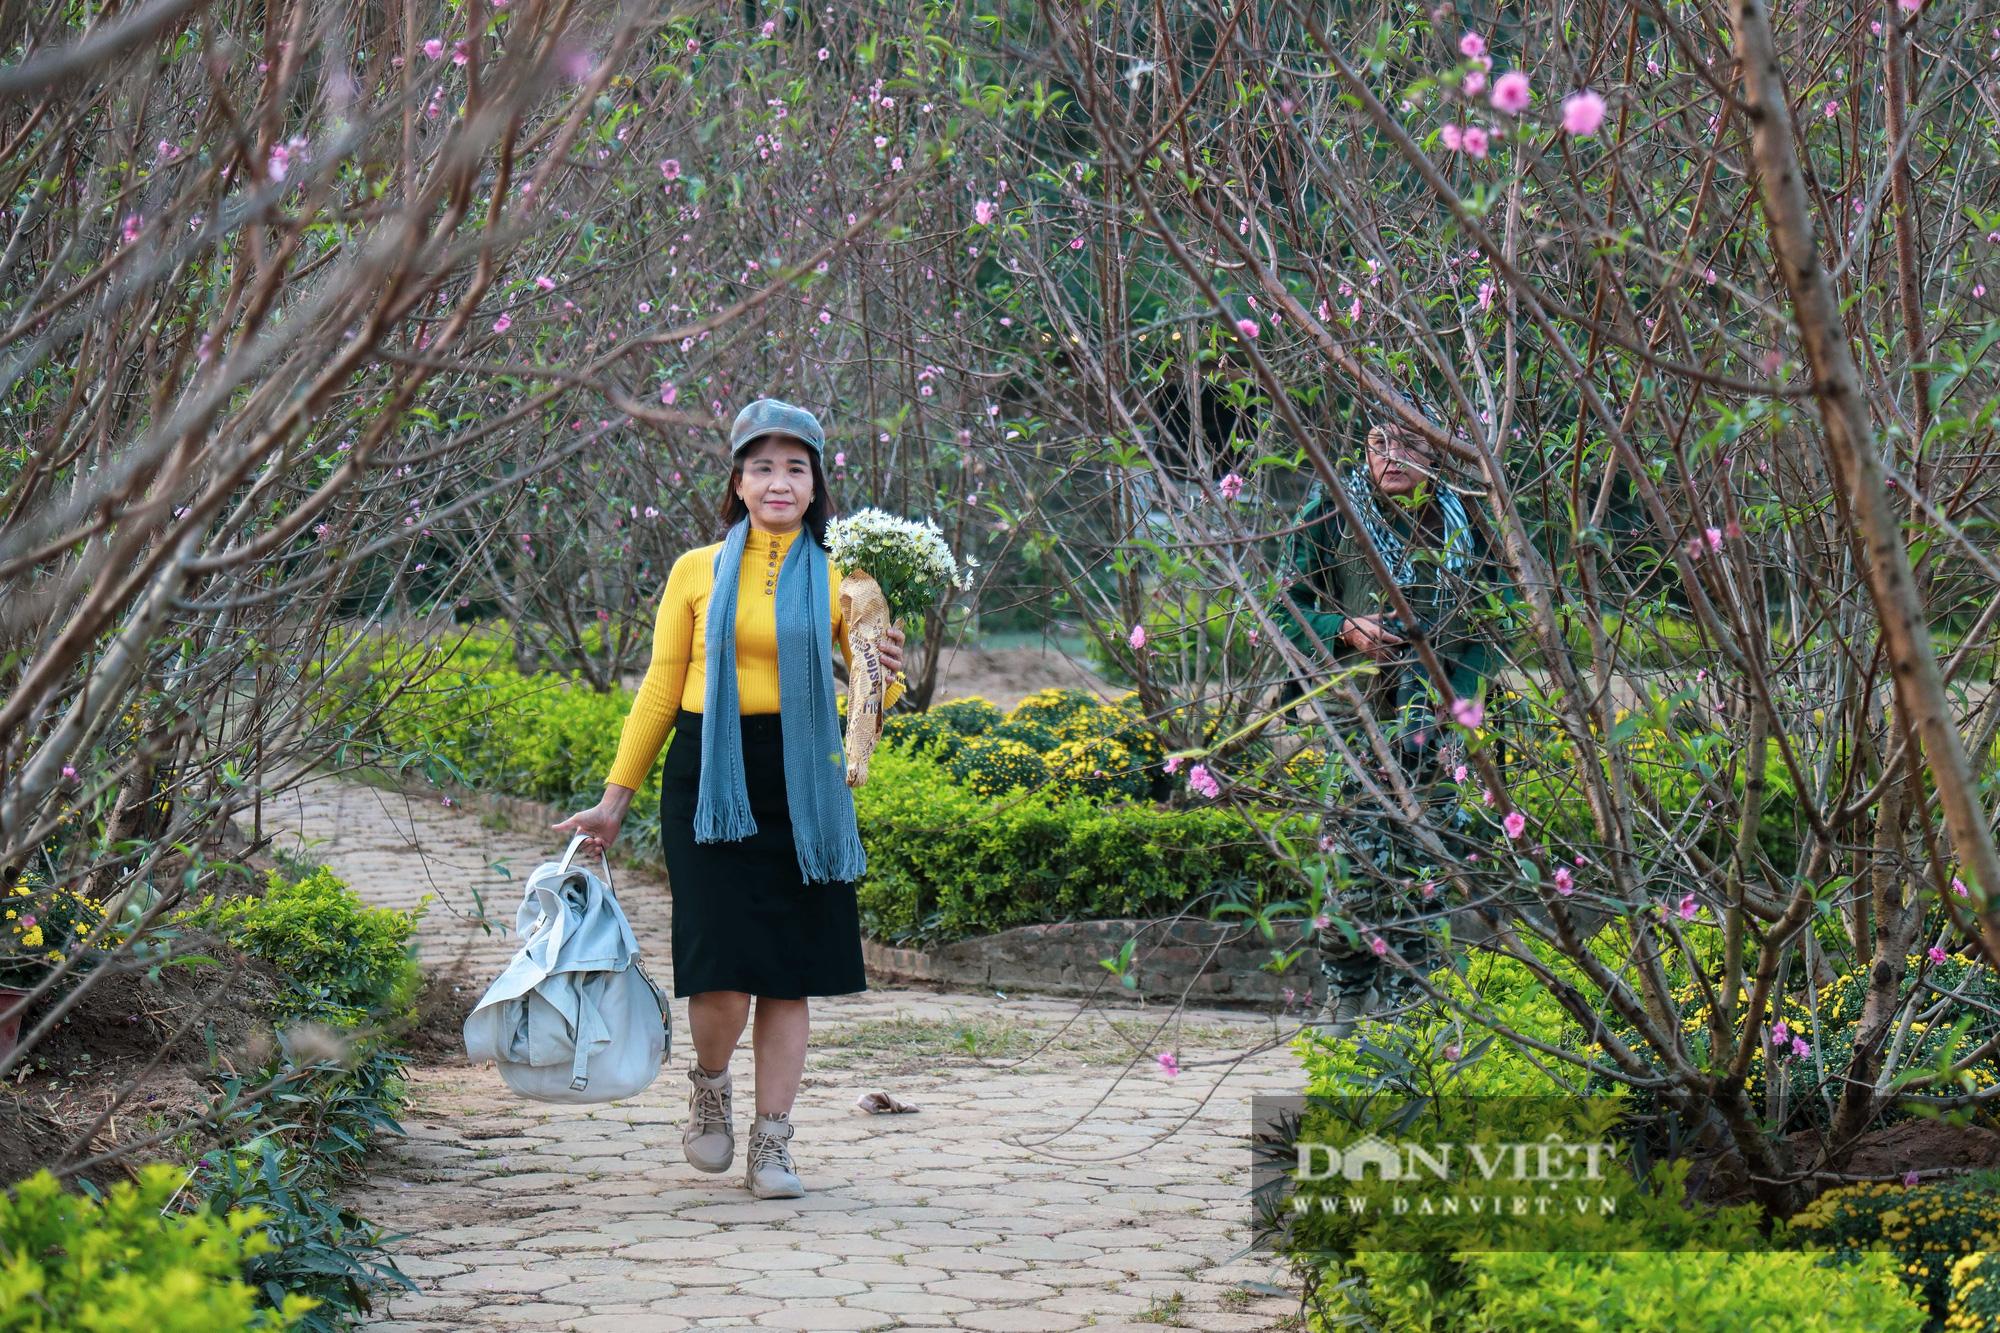 Người Hà Nội nô nức chụp ảnh check-in hoa đào từ Tết Dương lịch - Ảnh 1.